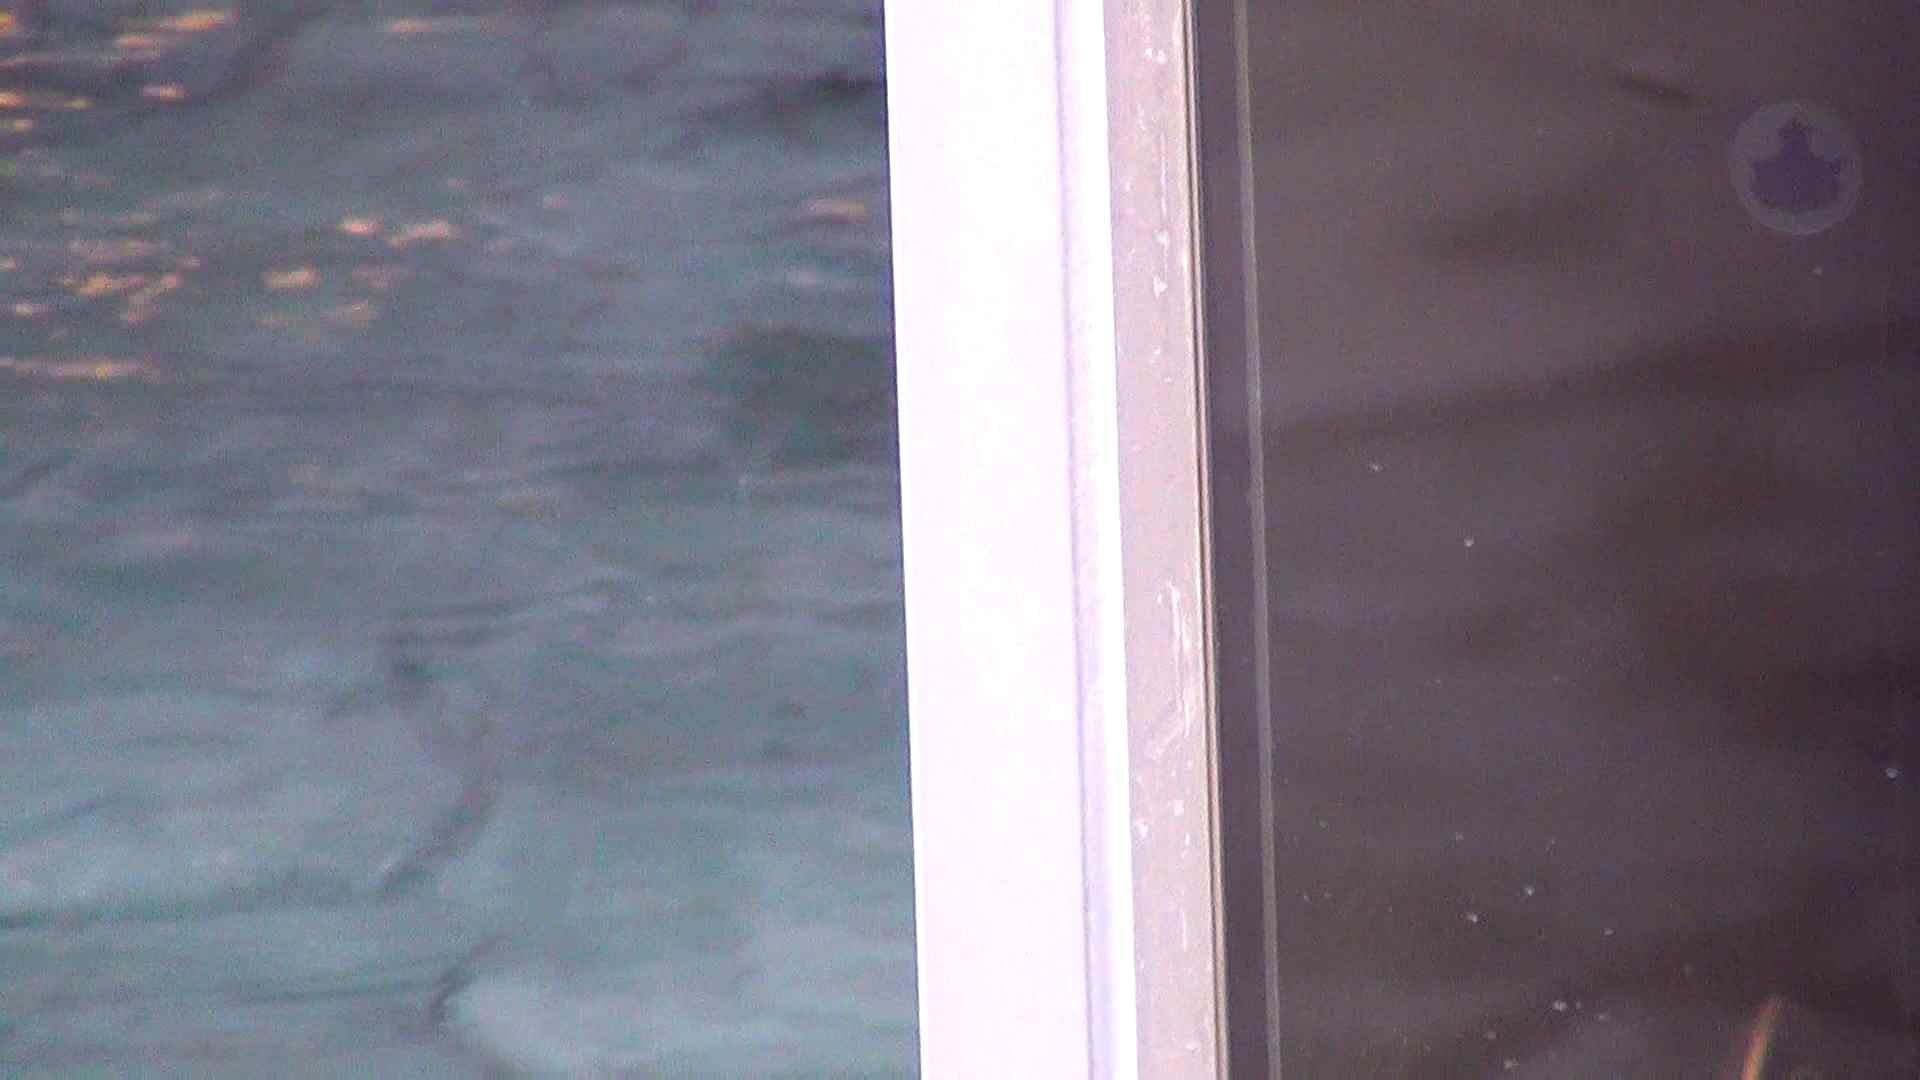 Aquaな露天風呂Vol.290 露天風呂 | 盗撮動画  10枚 5